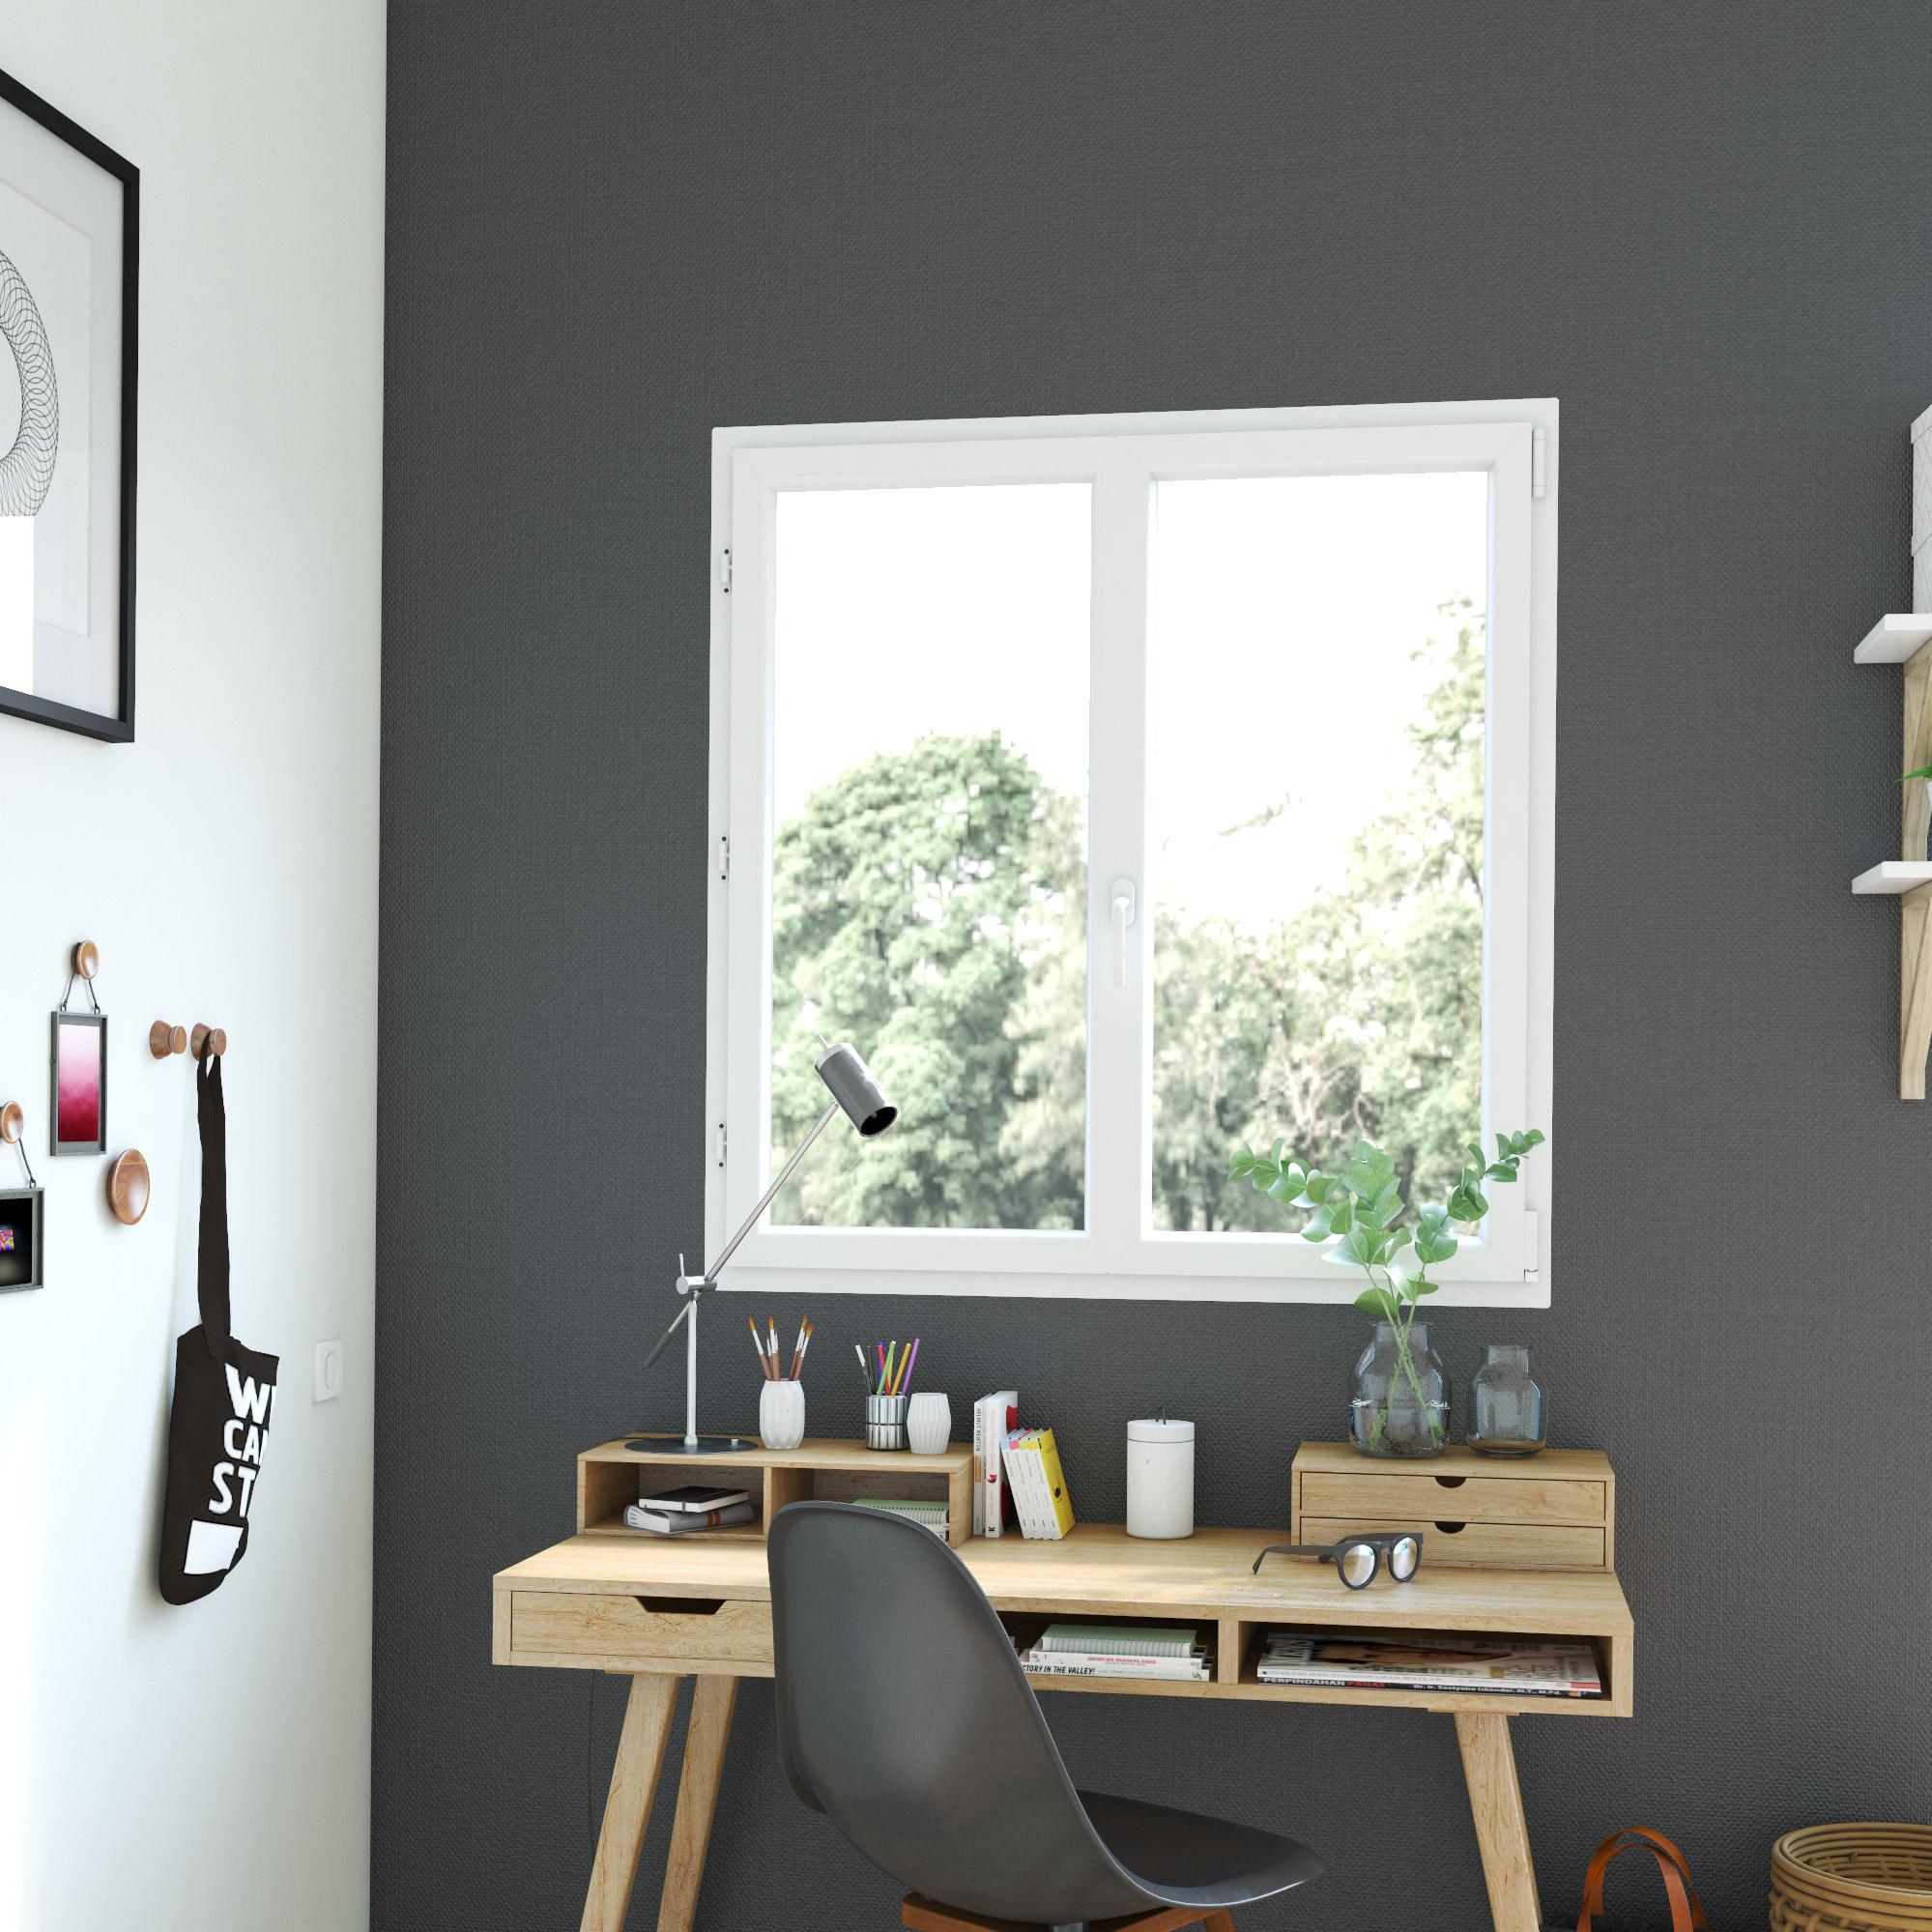 Cuisine Lumineuse Sans Fenetre fenêtre pvc h.125 x l.120 cm, blanc, 2 vantaux oscillo-battant tirant droit